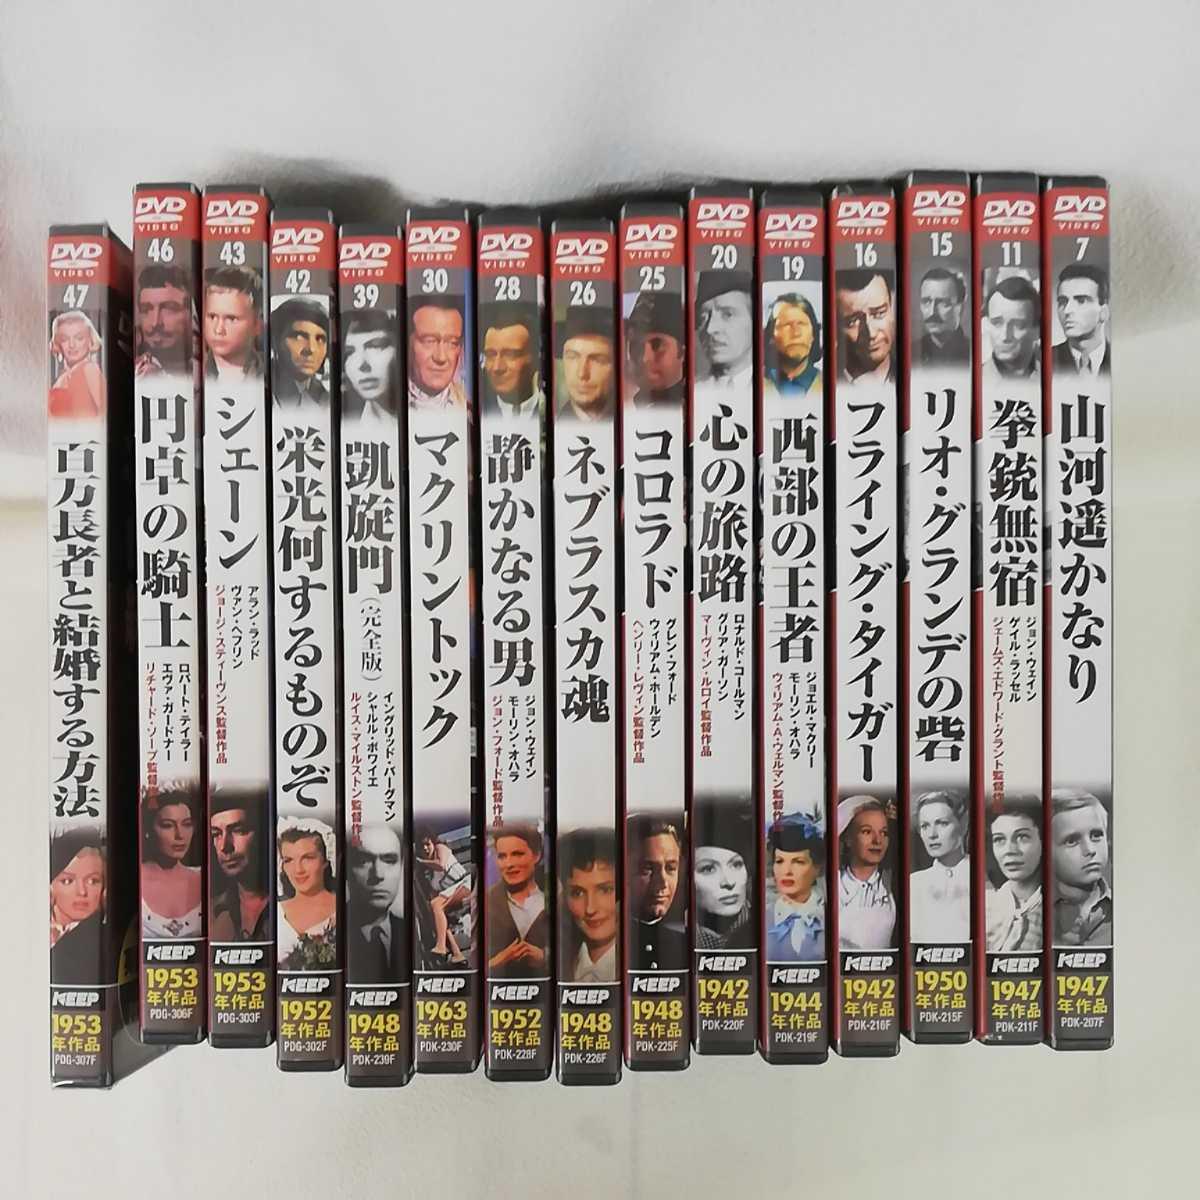 598 世界名作映画 水野晴郎のDVDで観る世界名作映画 など 洋画 15枚セット KEEP_画像1